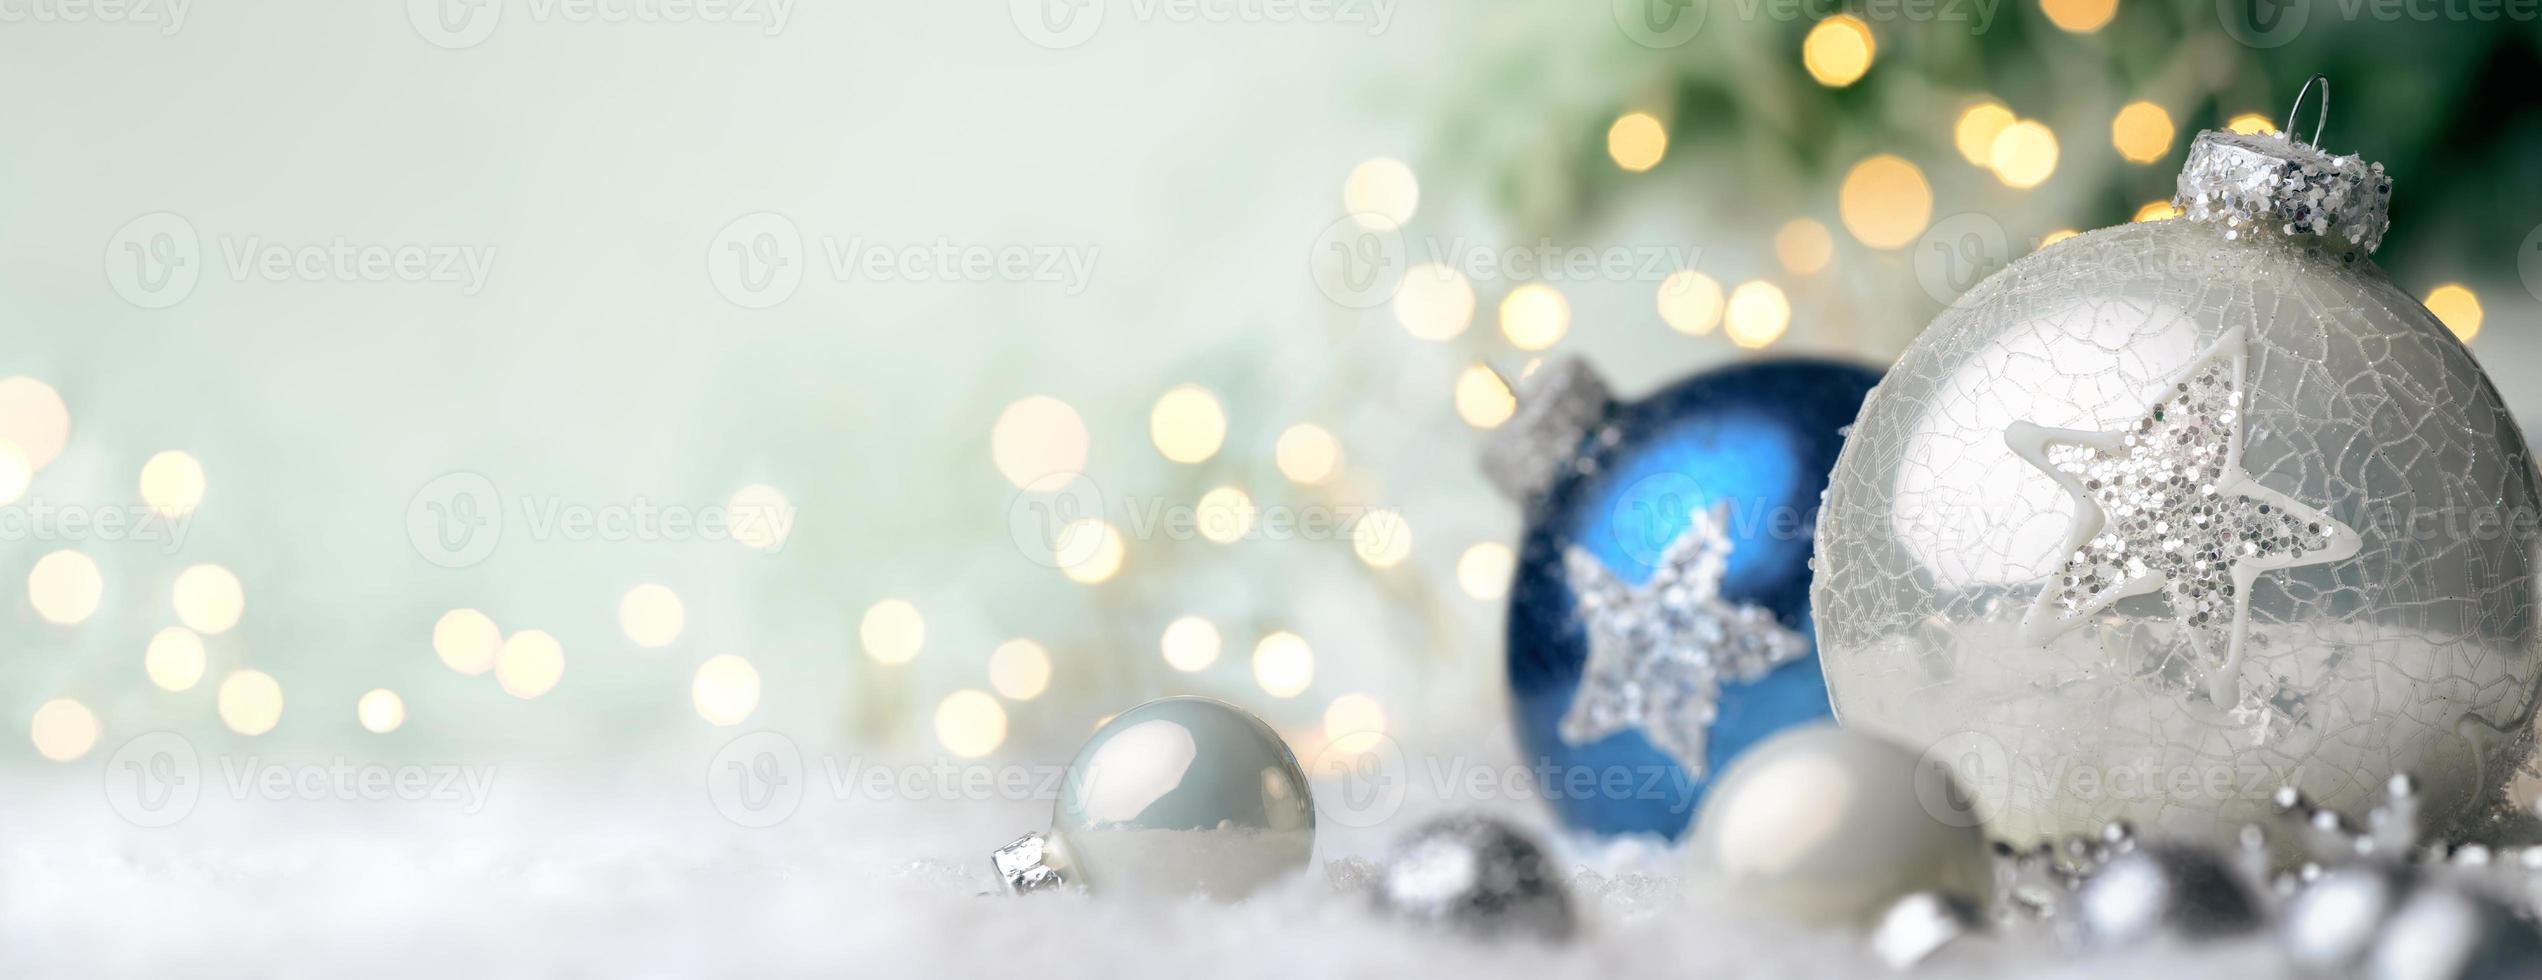 décorations de Noël avec fond photo